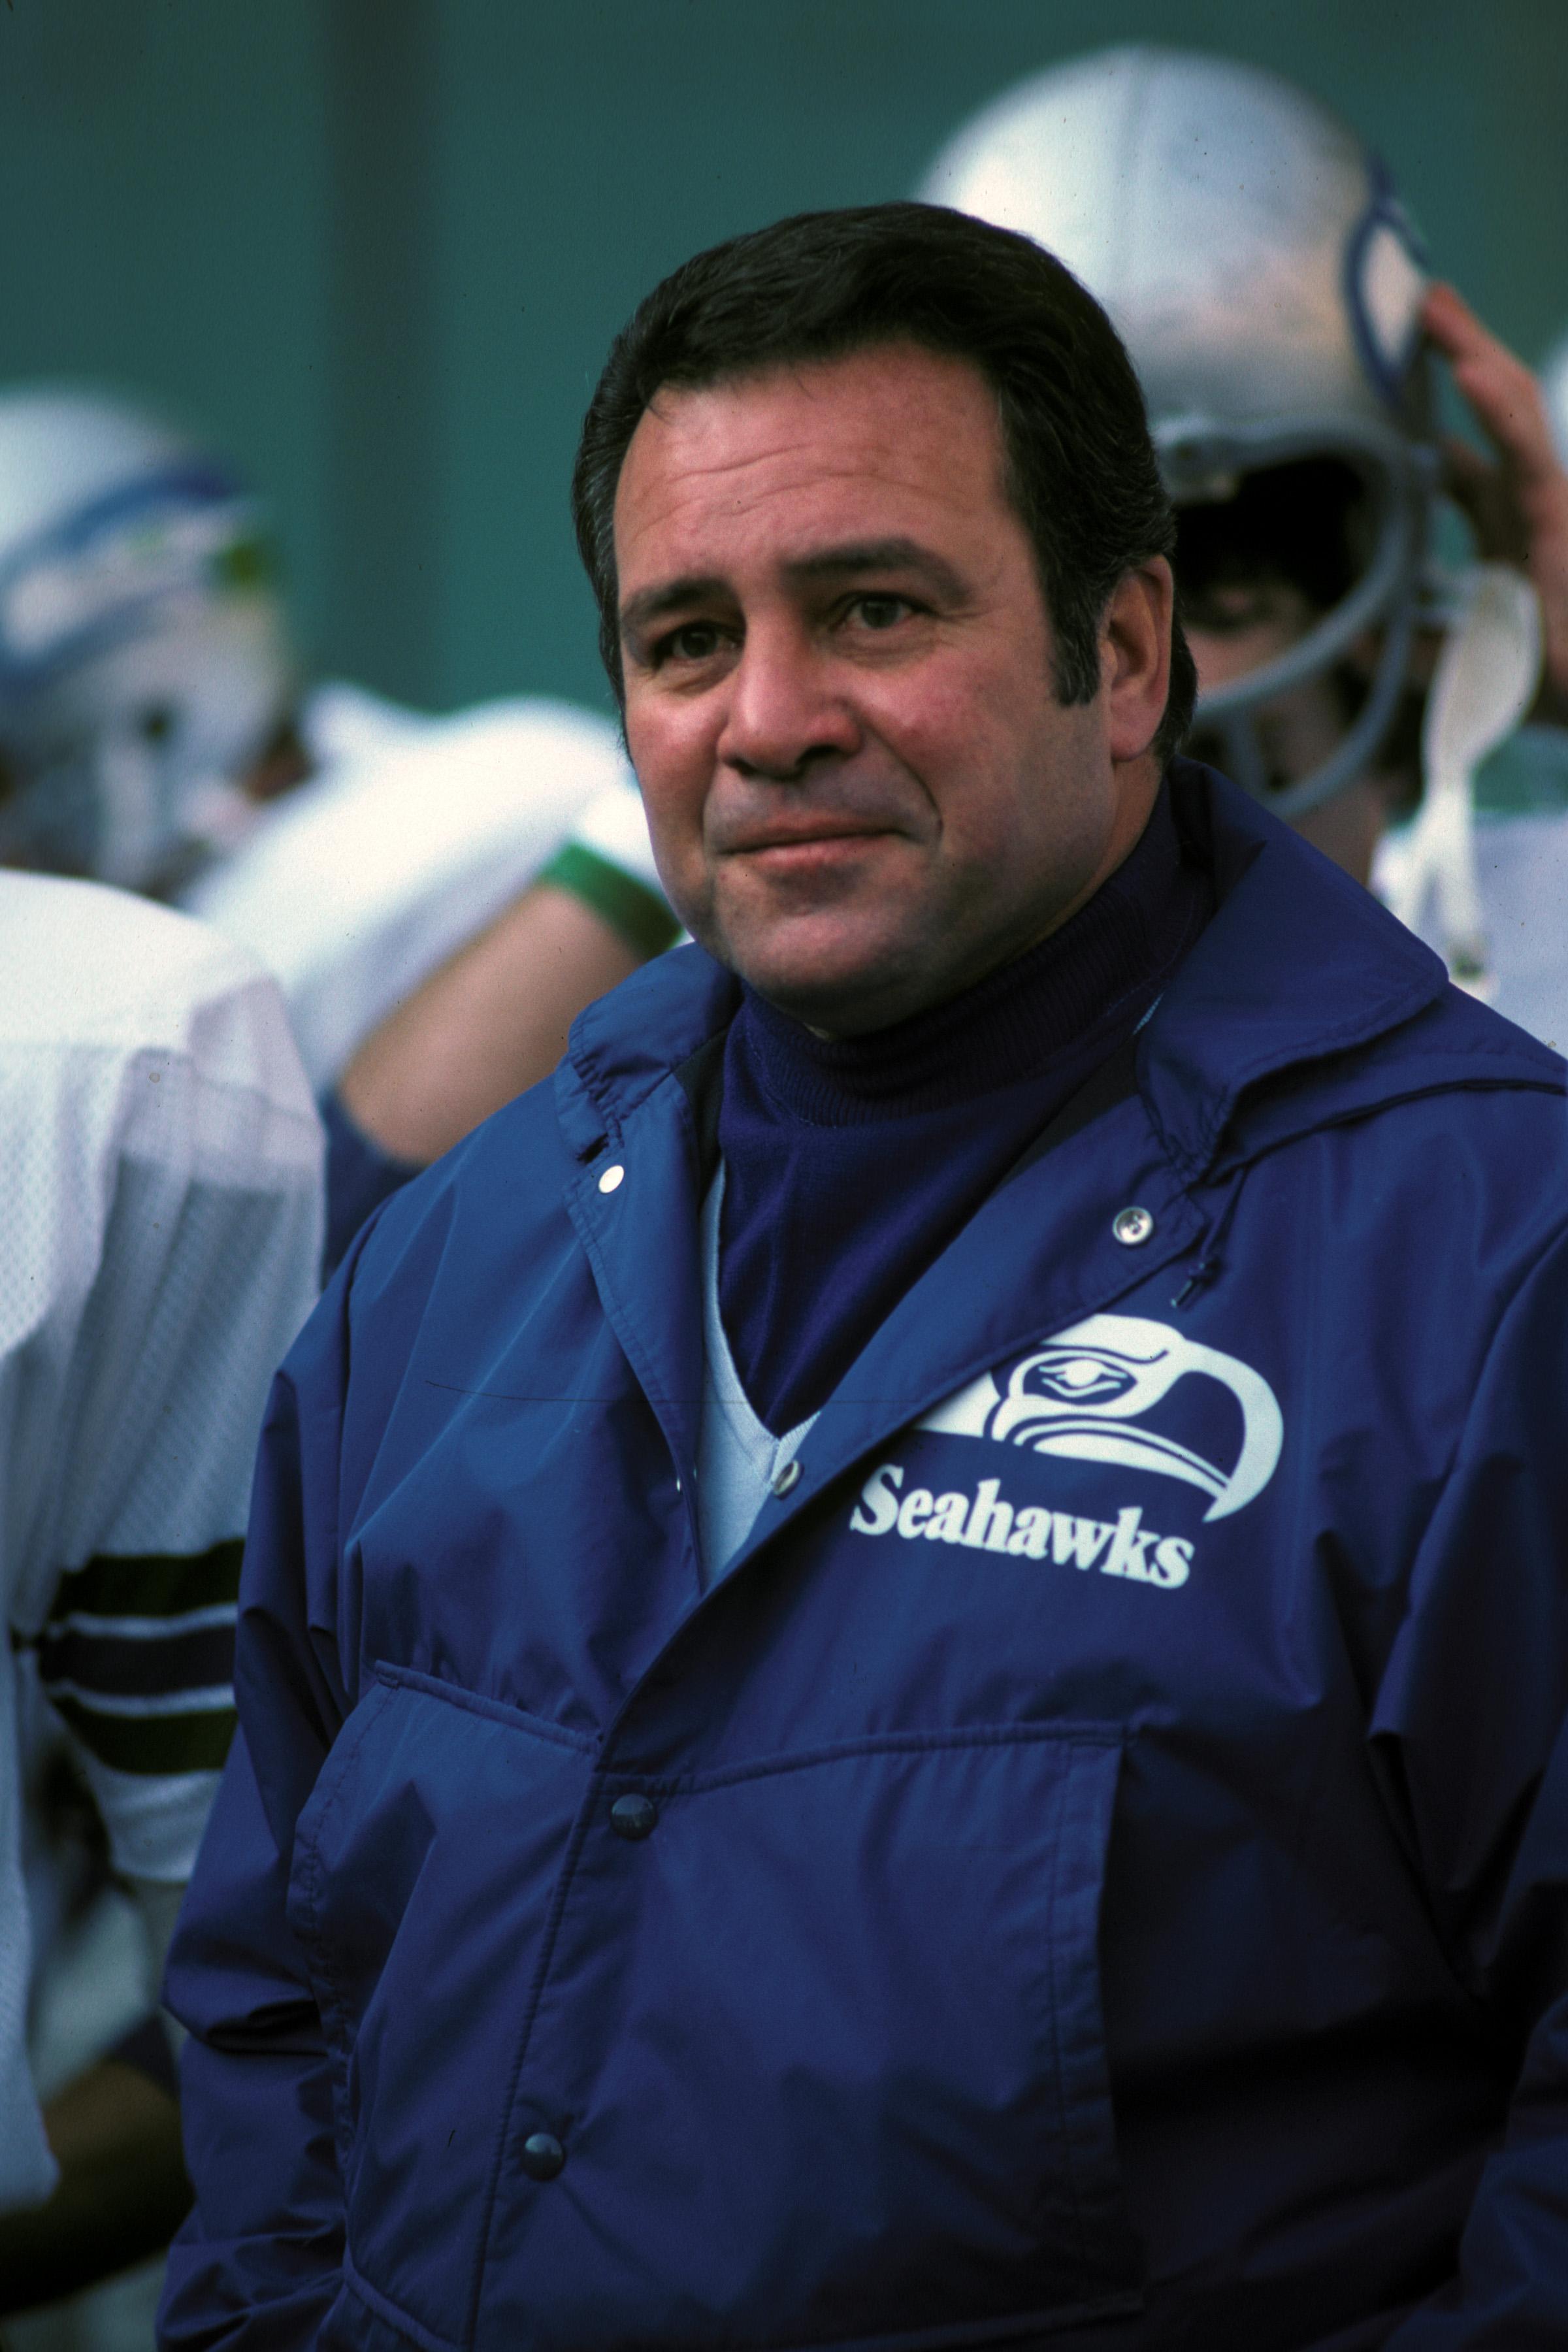 Seahawks Jack Patera